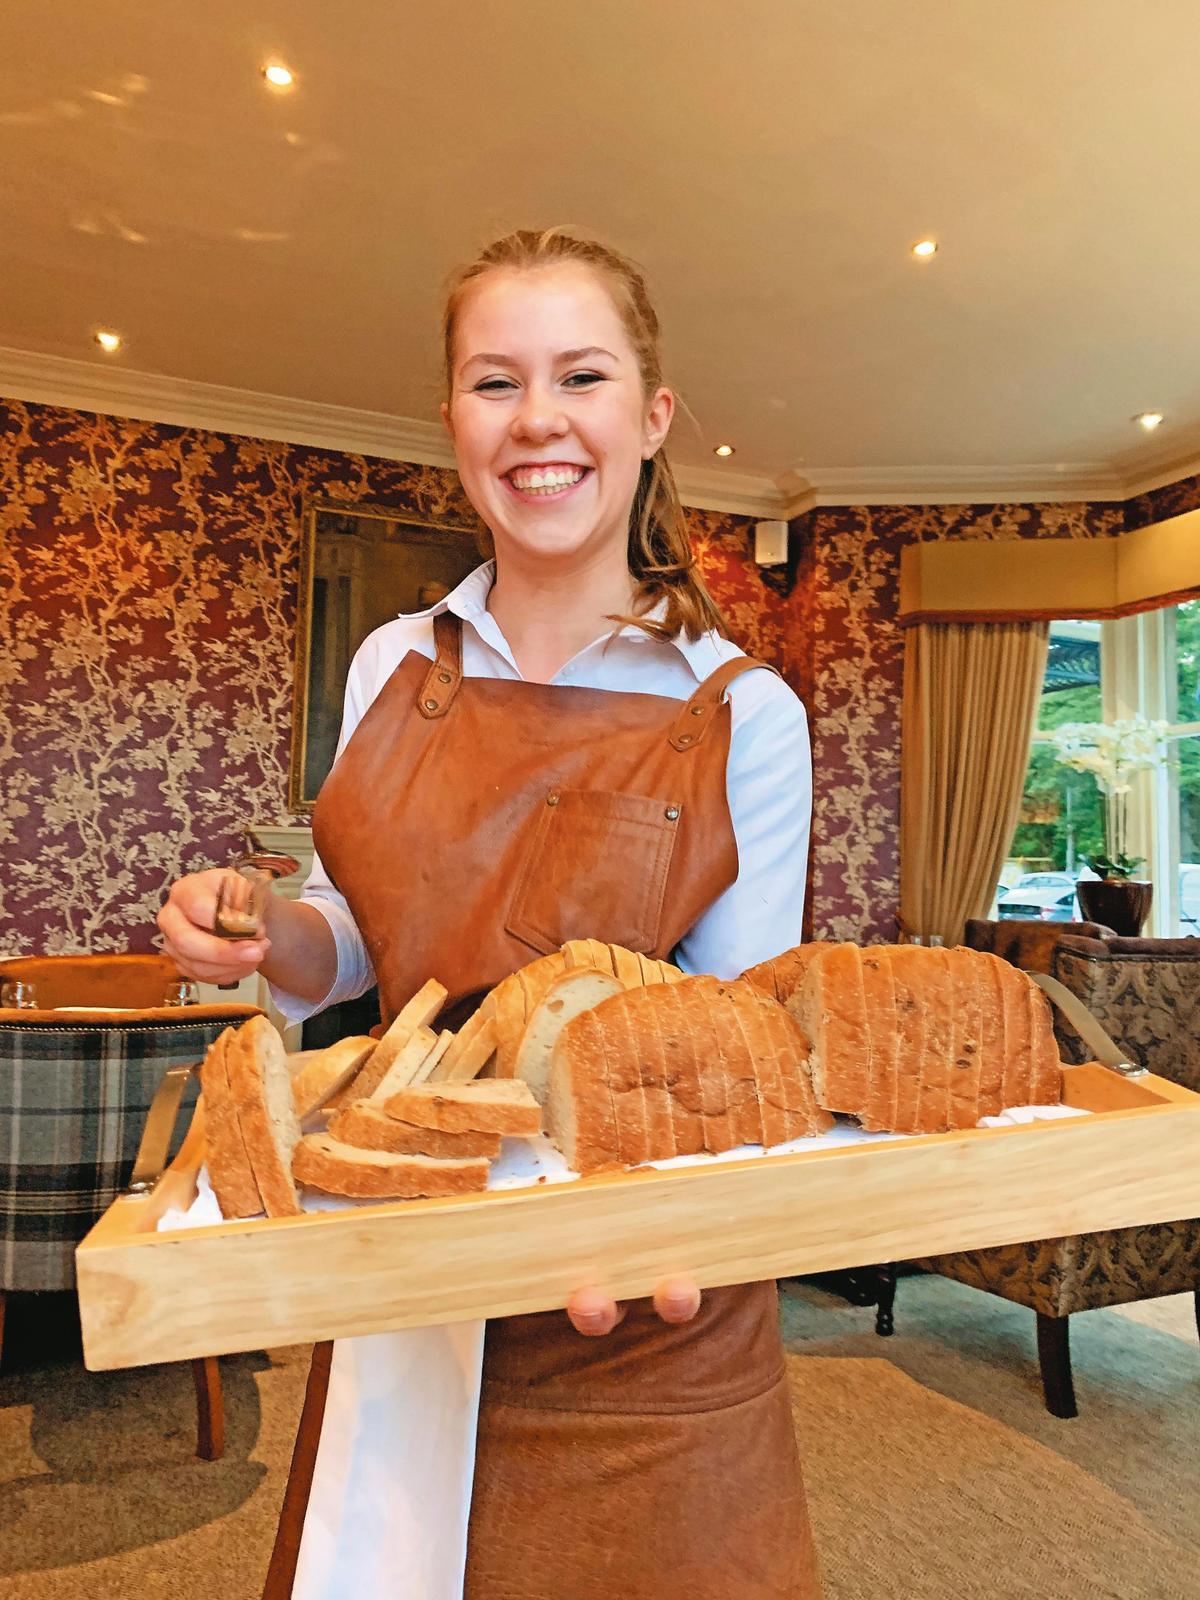 在Golf View Hotel餐廳用晚餐,遞上麵包的服務生笑容滿滿,讓人有種回到家的溫暖。